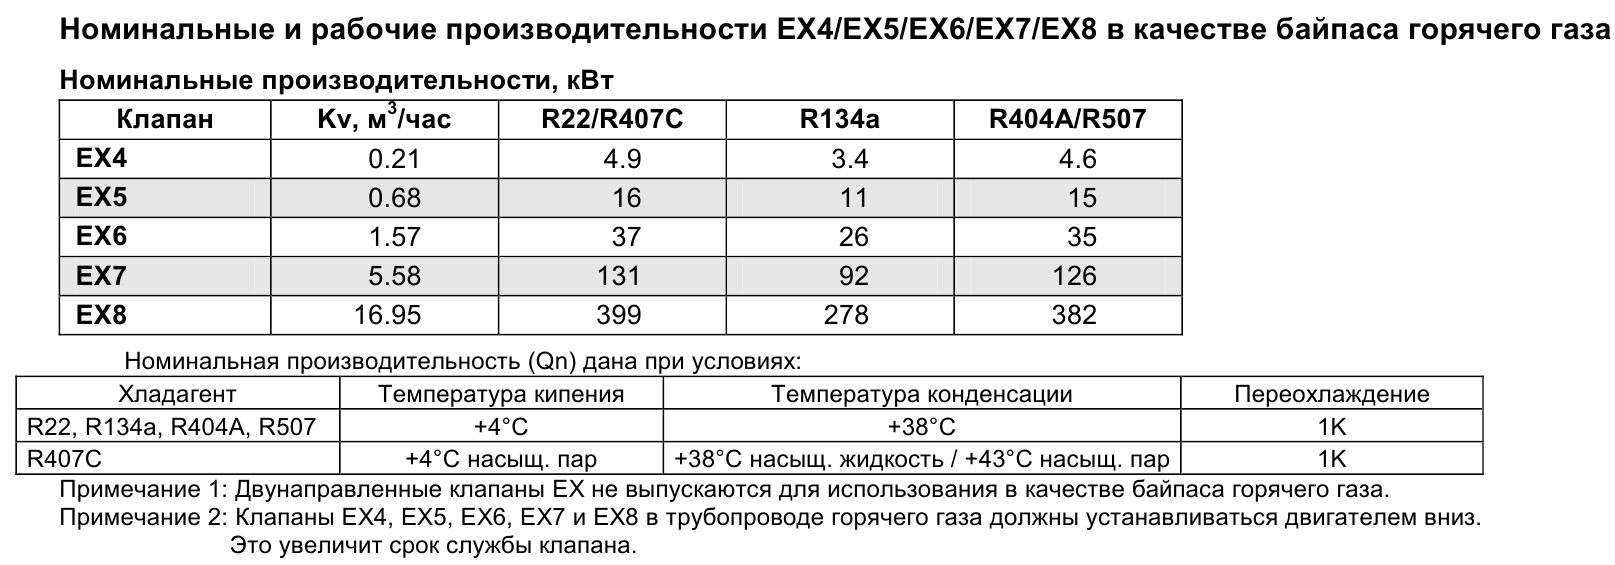 Alco Controls EX4_EX5_EX6_EX7_EX8 - 4